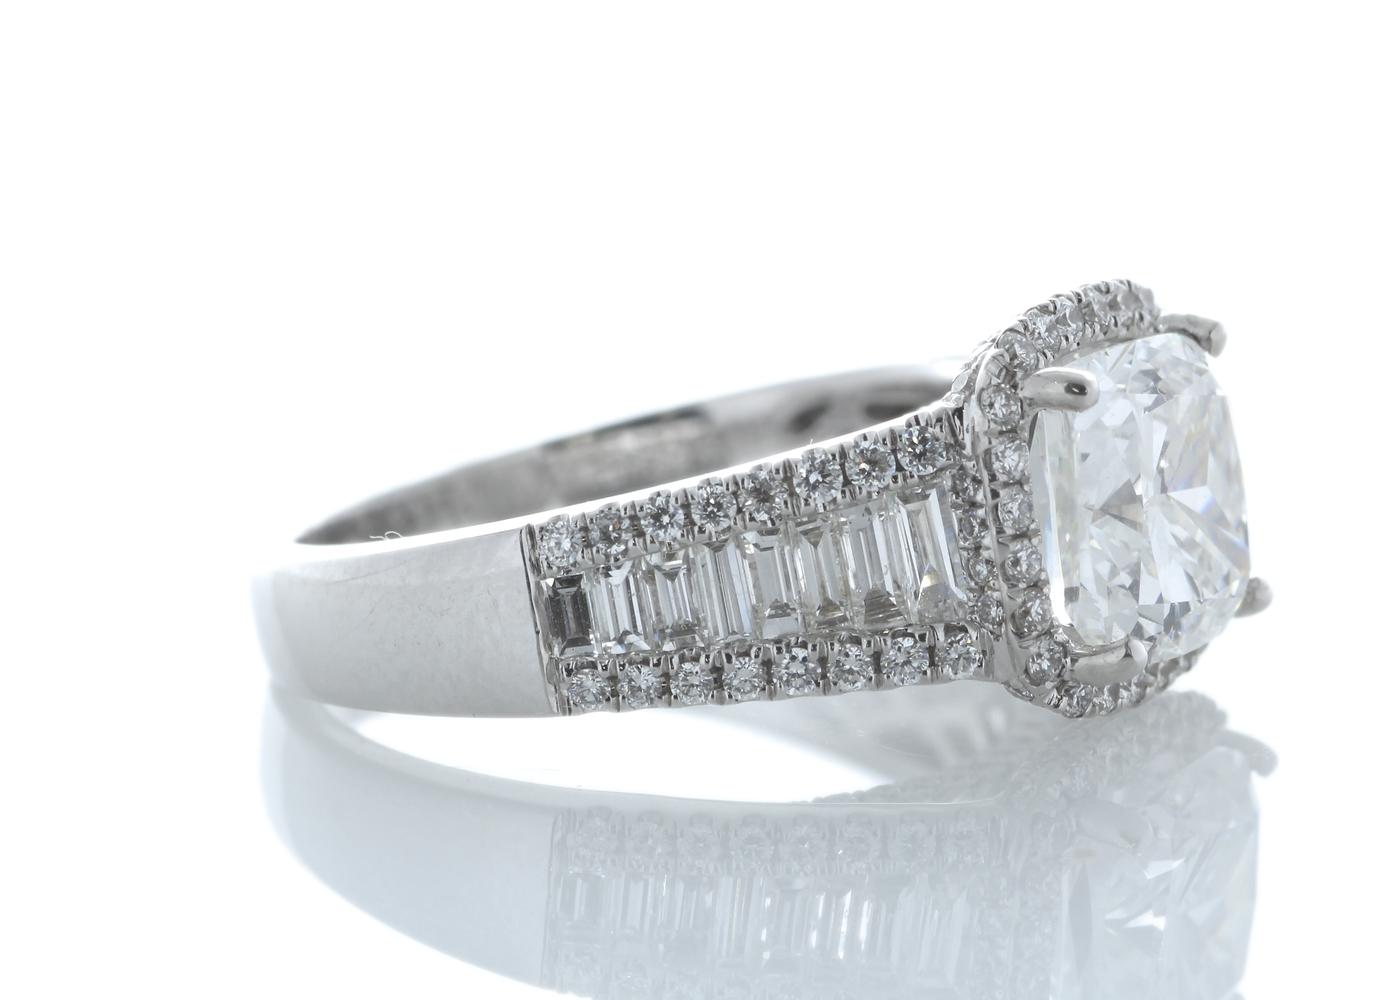 18k White Gold Halo Set Ring 3.14 Carats - Image 4 of 5